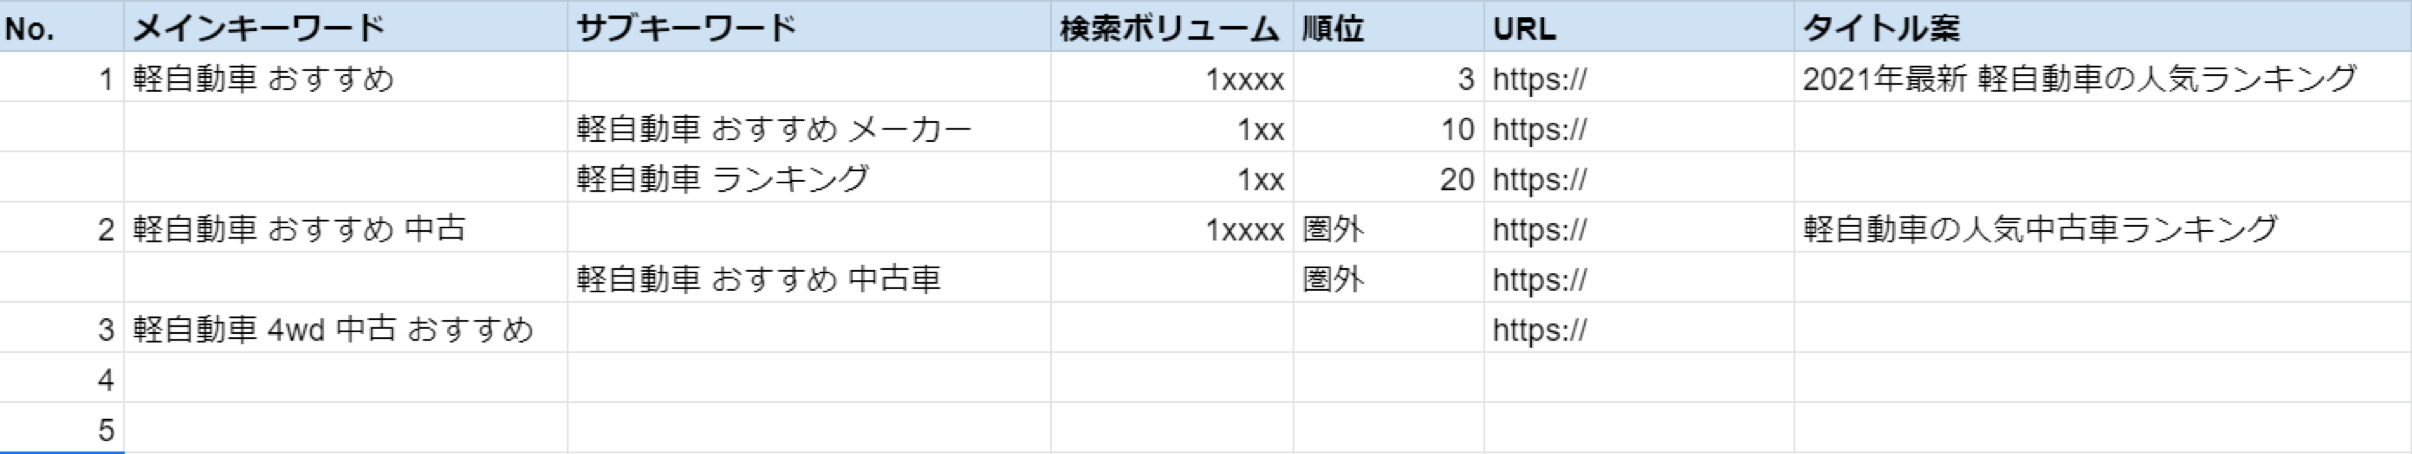 キーワードマップ(Excel版)のイメージ